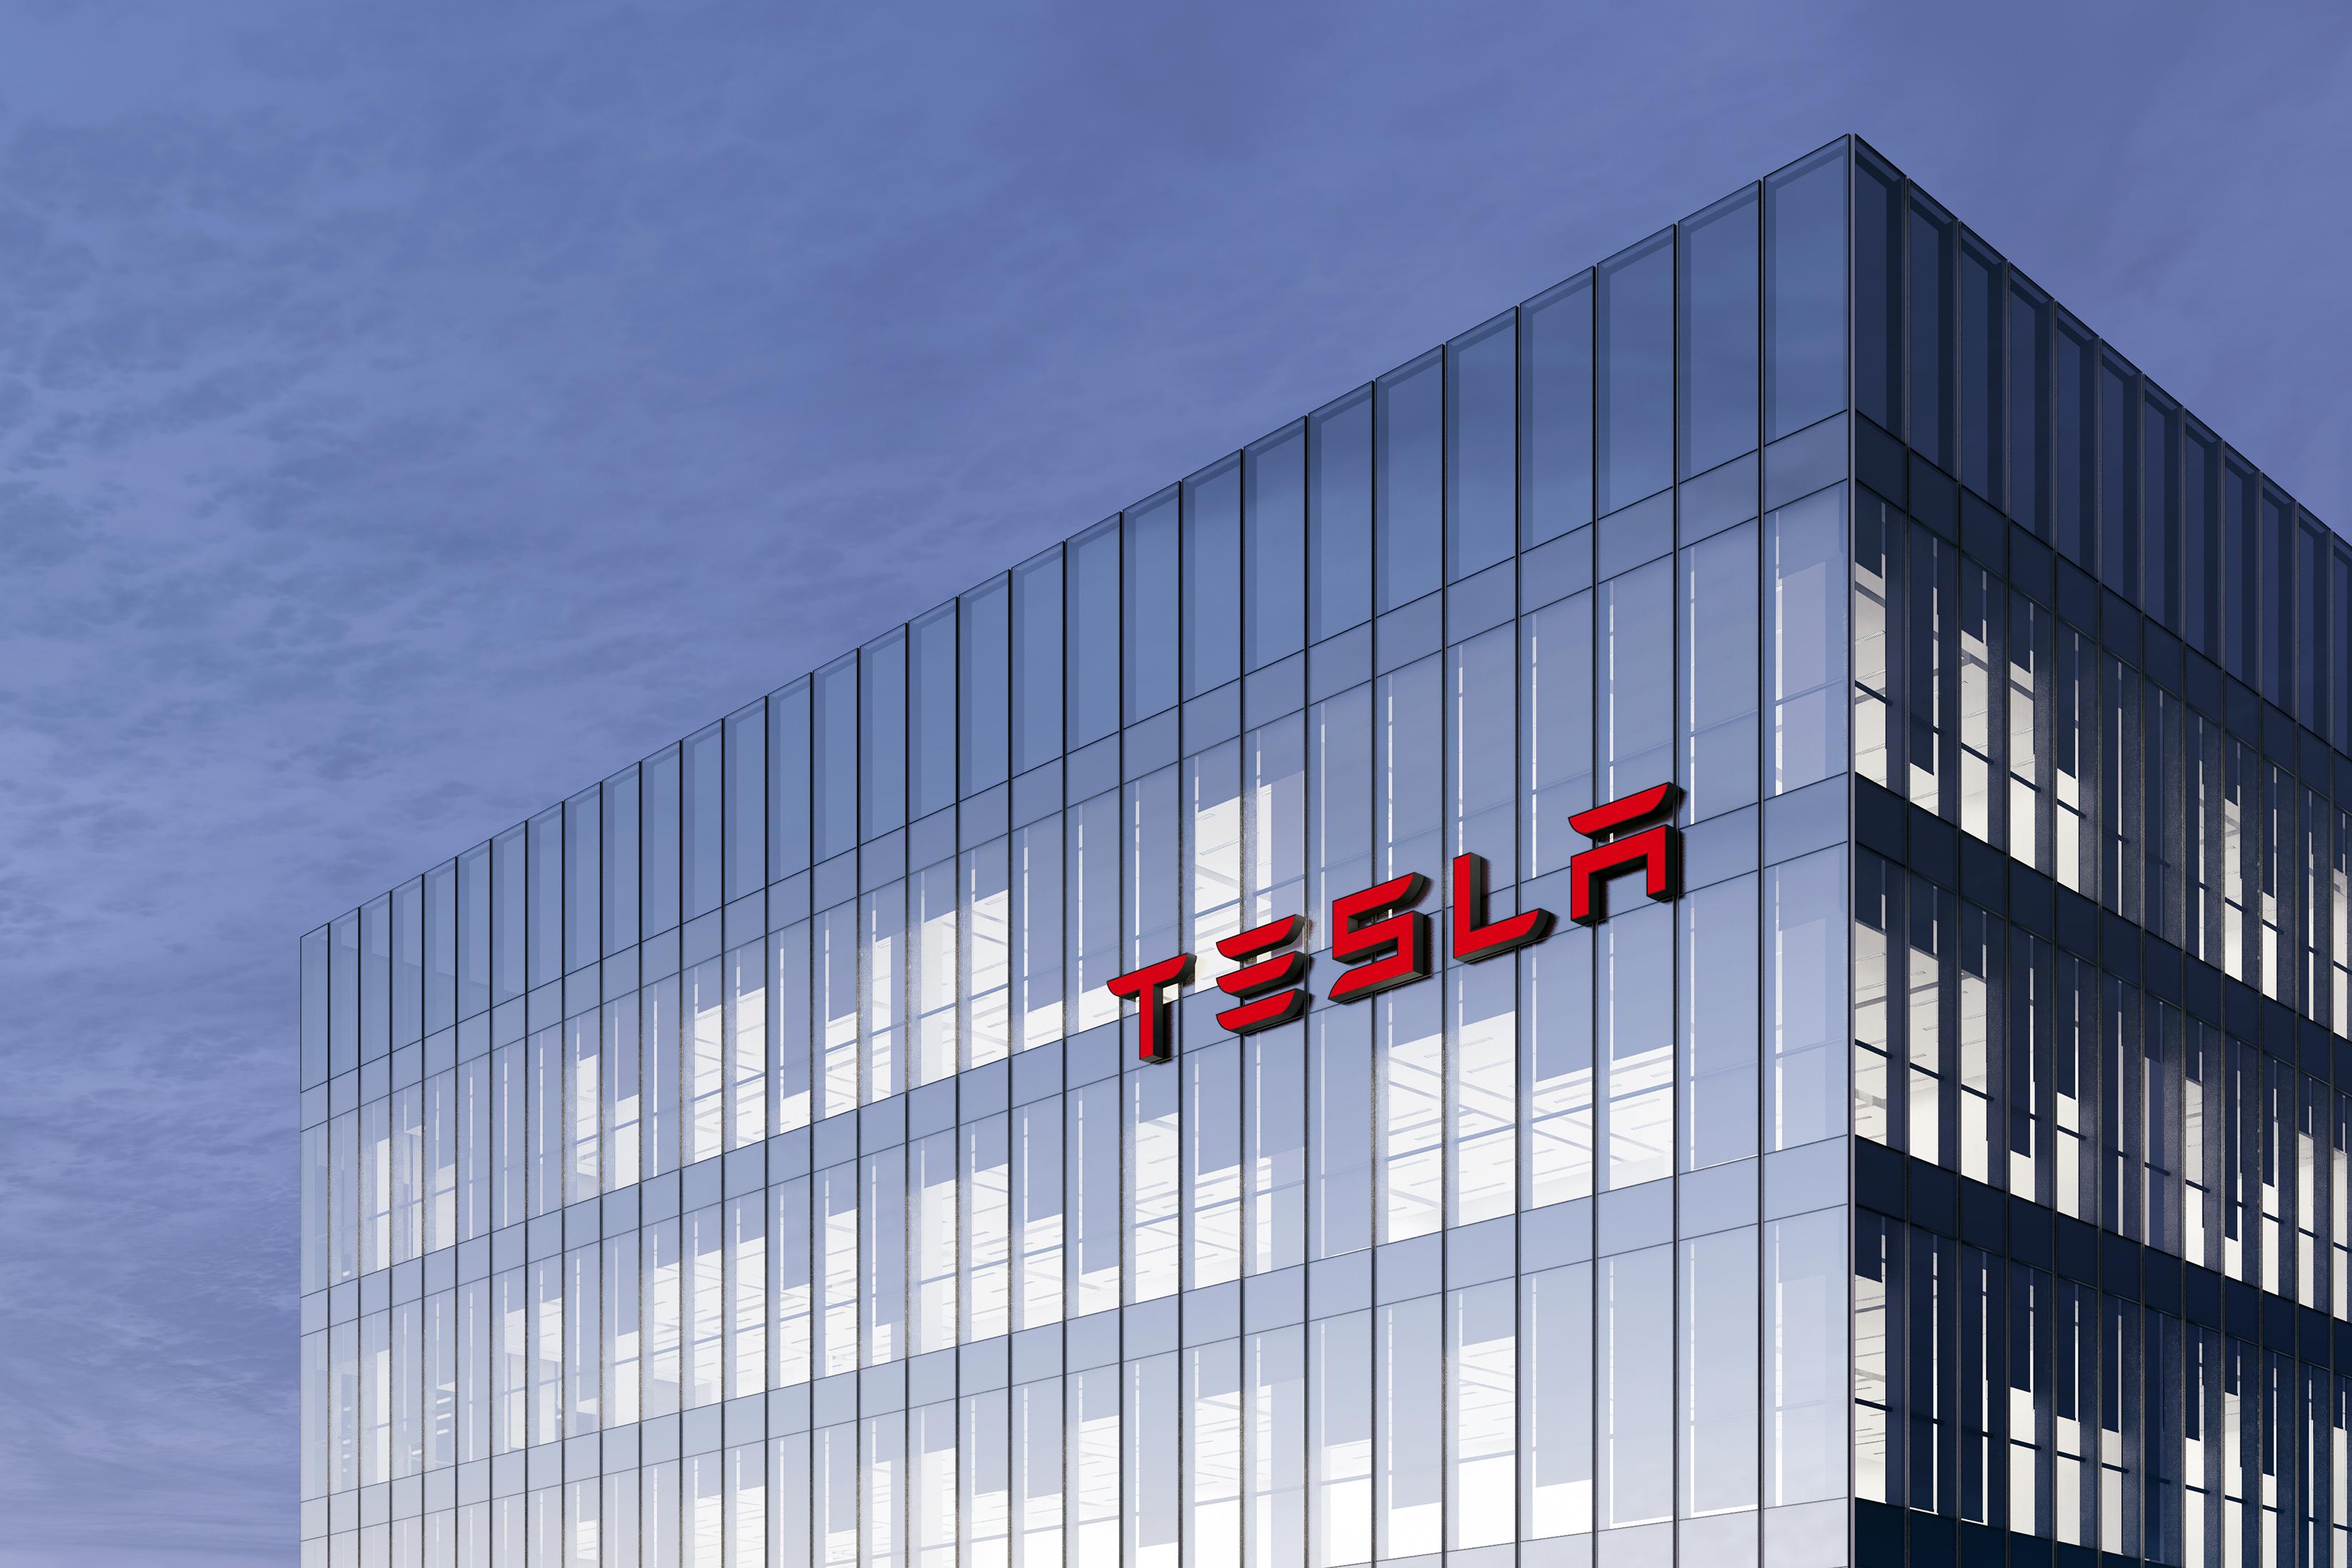 Is Tesla Stock a Good Buy? (Tesla Stock Analysis)